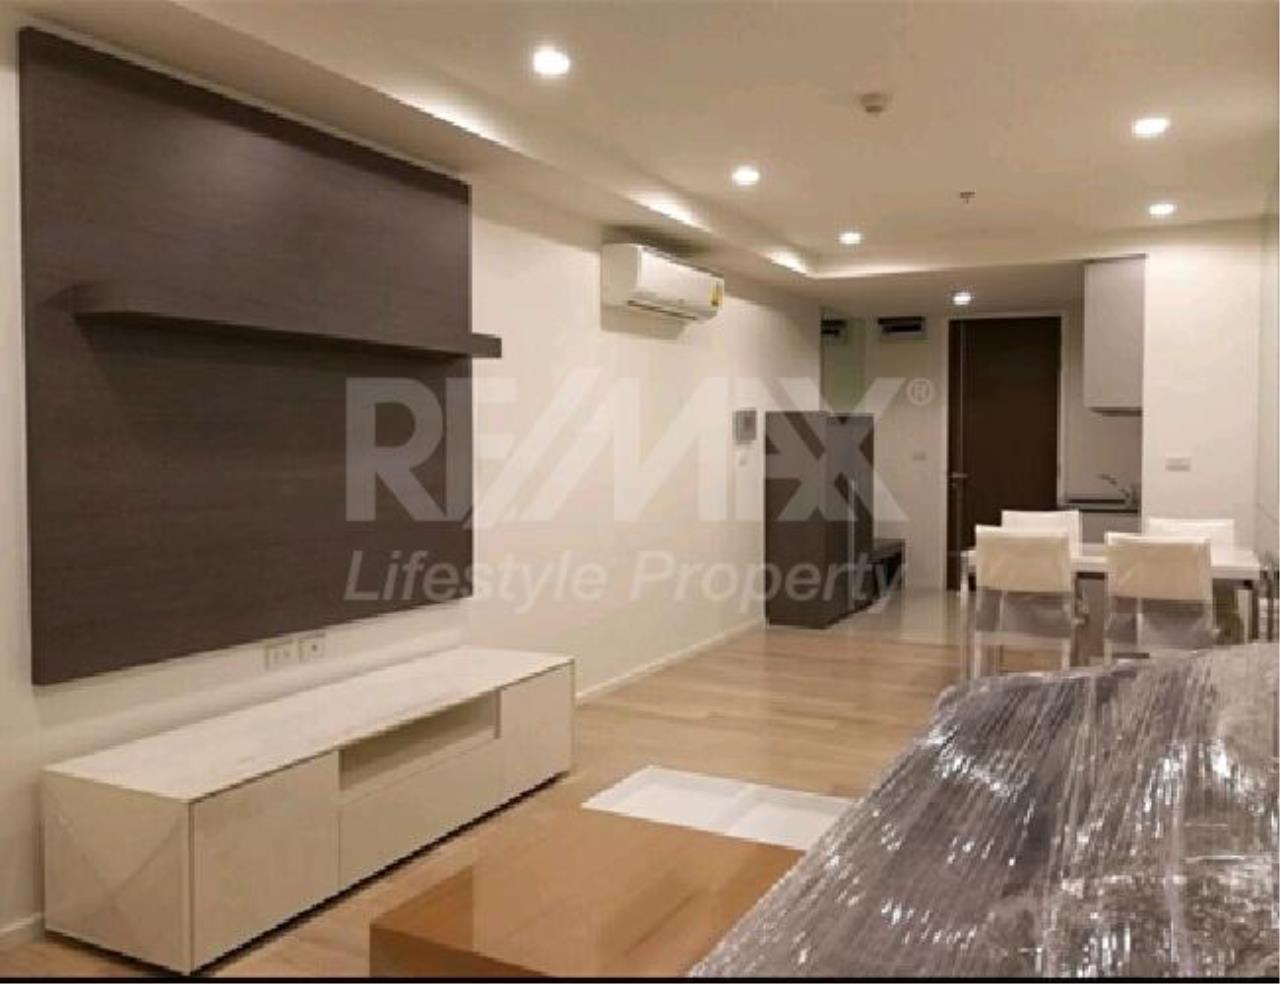 RE/MAX LifeStyle Property Agency's 15 Sukhumvit Residences 2